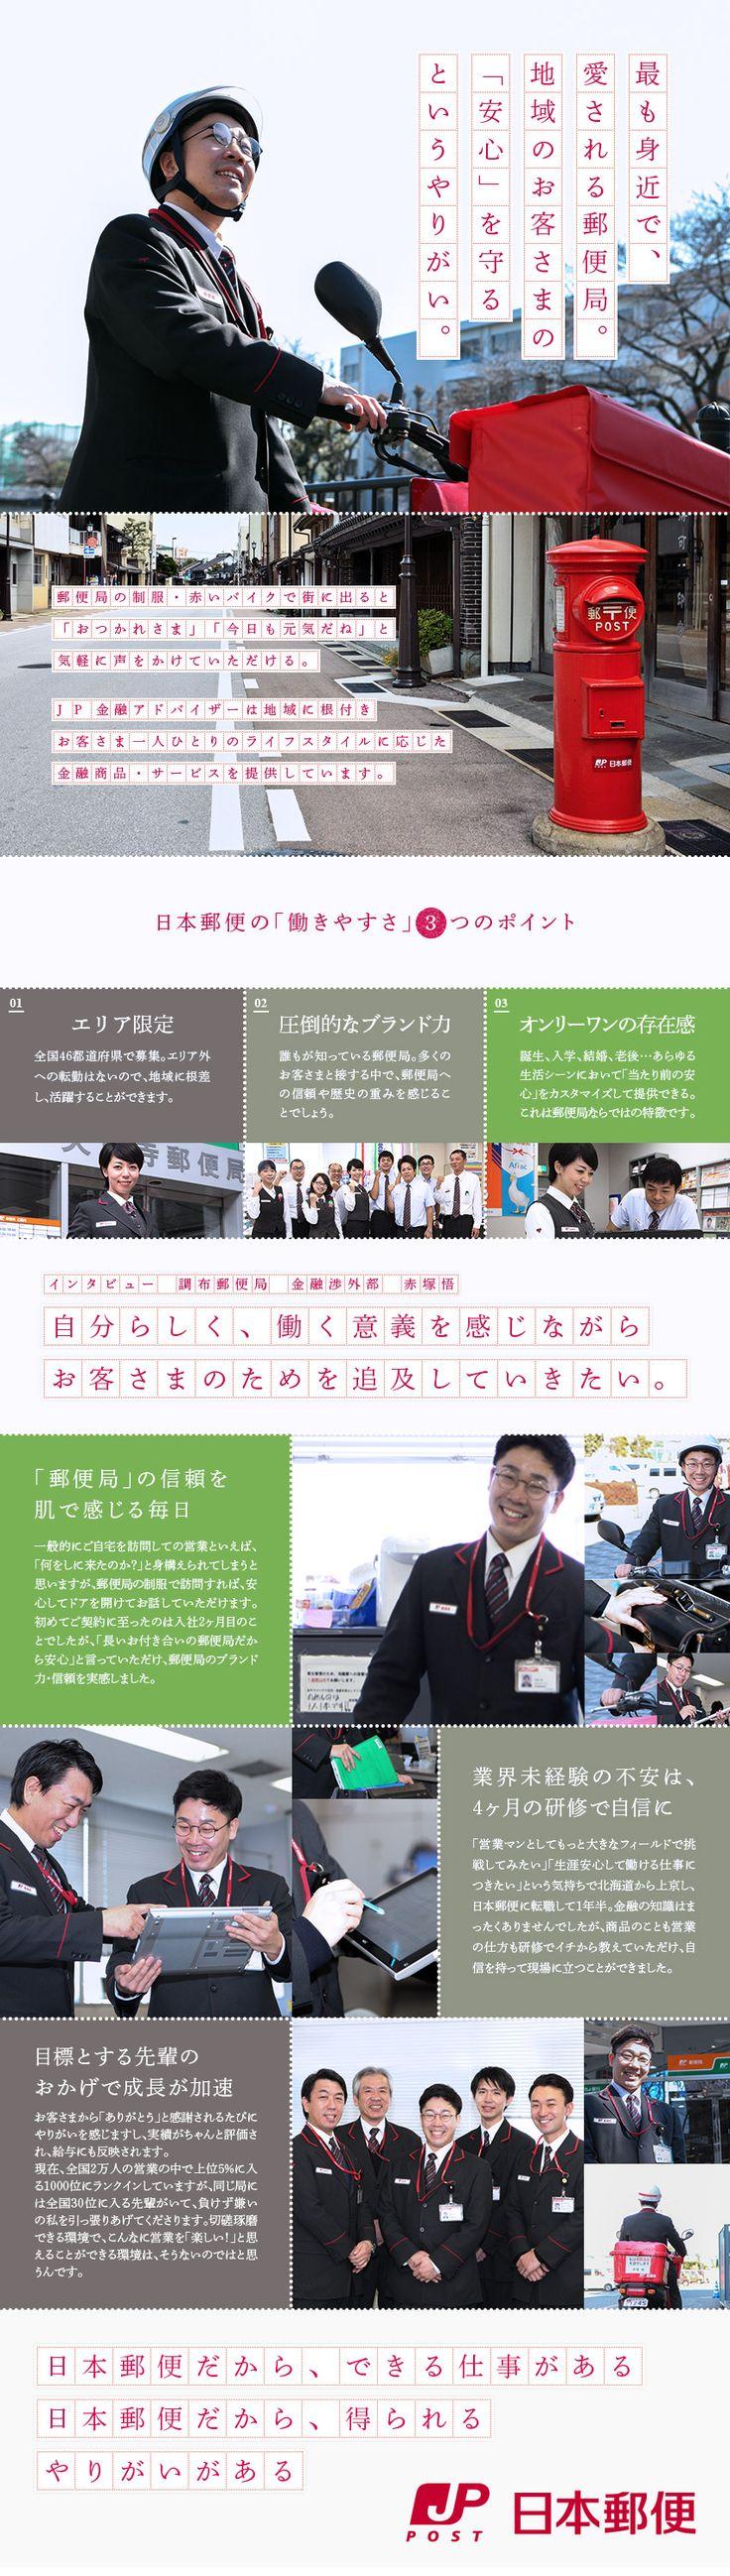 日本郵便株式会社(日本郵政グループ)/未経験から始める郵便局の営業職/女性、若手も活躍中/全国正社員1000名採用 ※応募締切:4/23の求人PR - 転職ならDODA(デューダ)